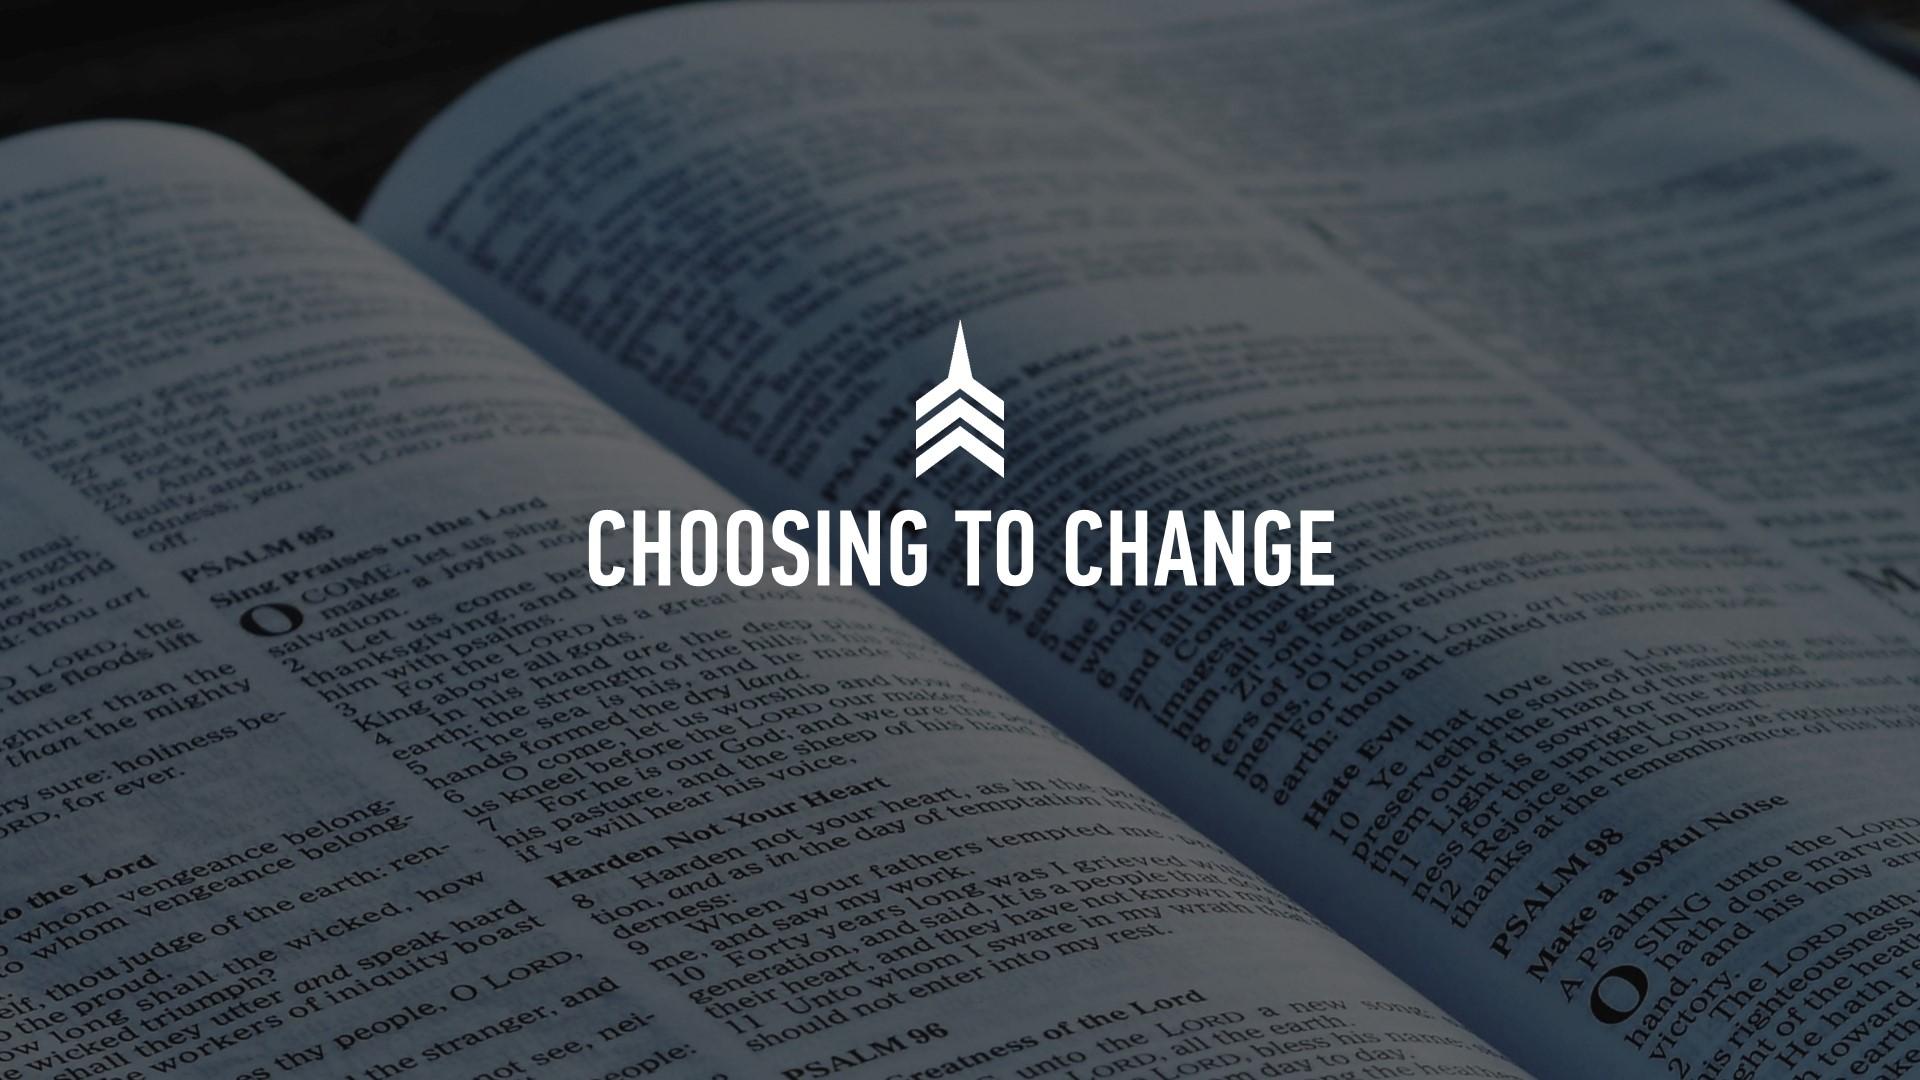 20190616 CHOOSING TO CHANGE.JPG